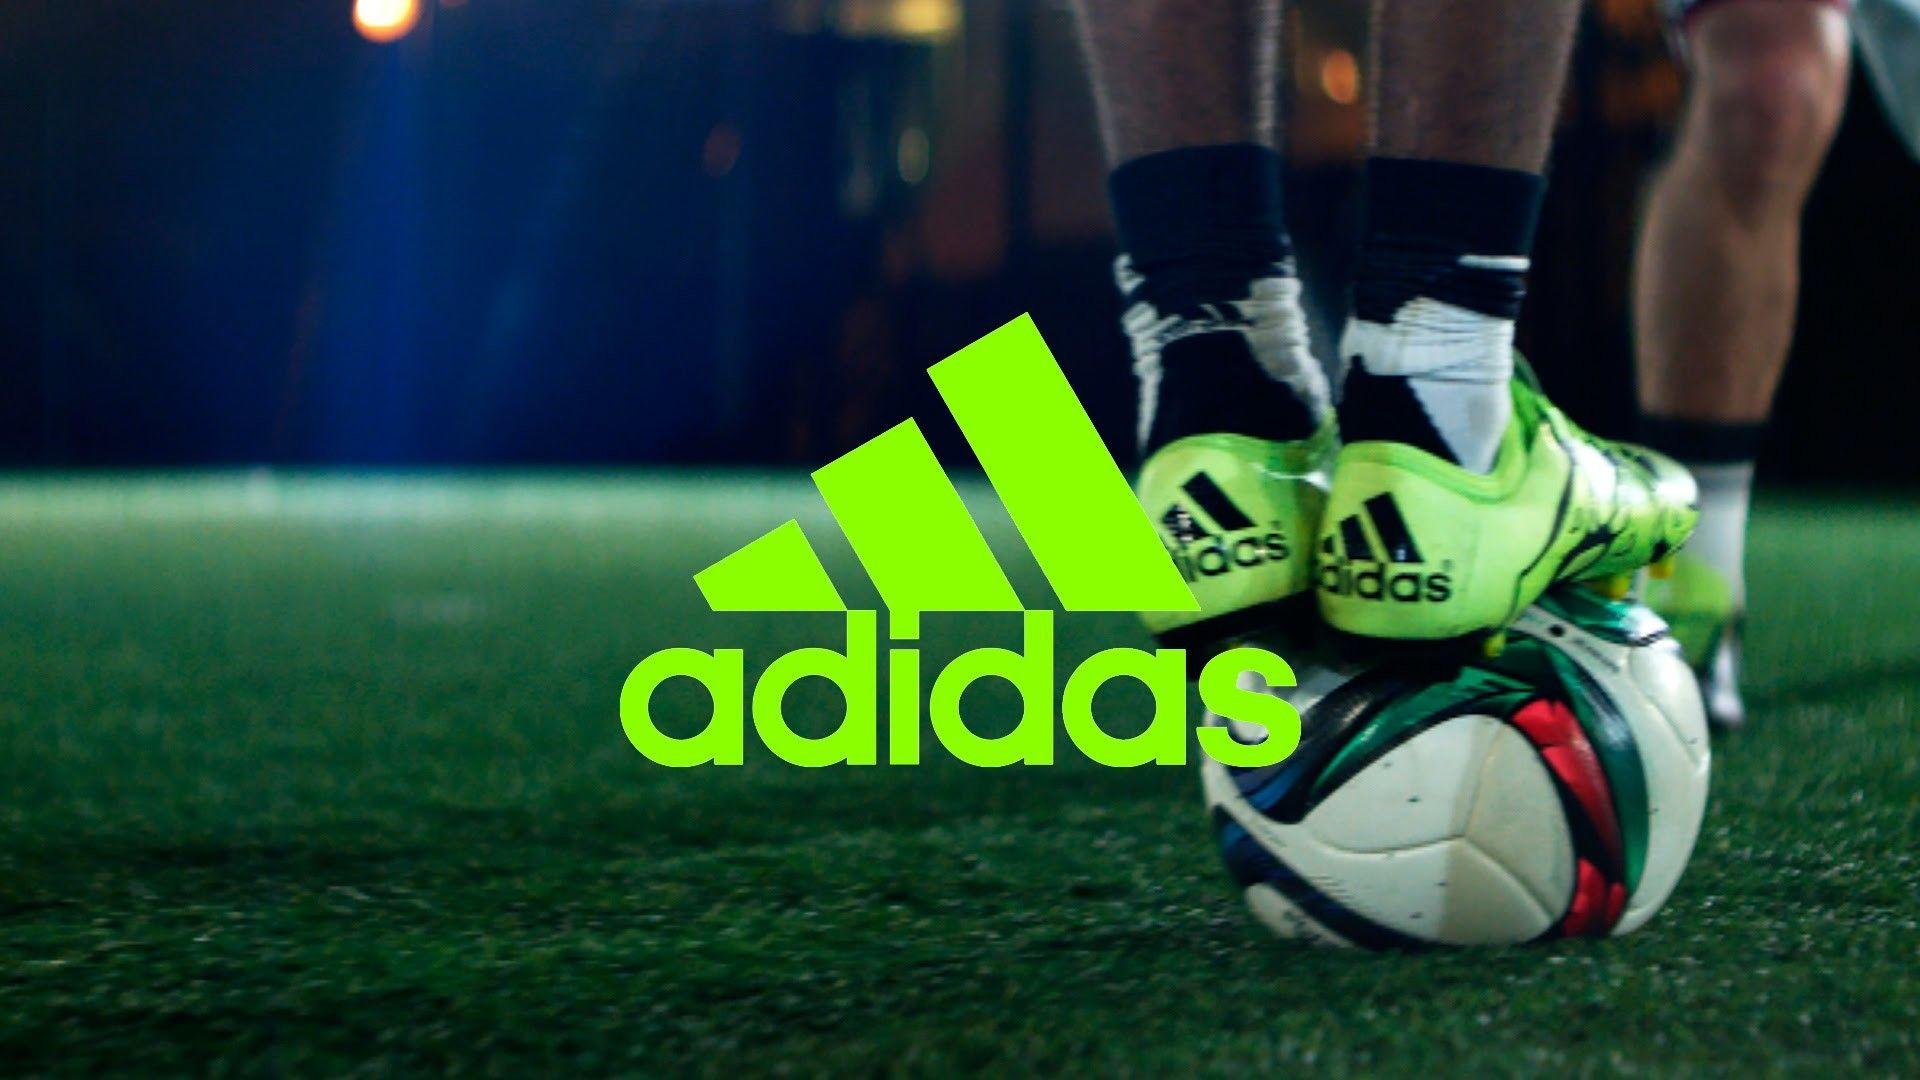 adidas soccer wallpaper 73899